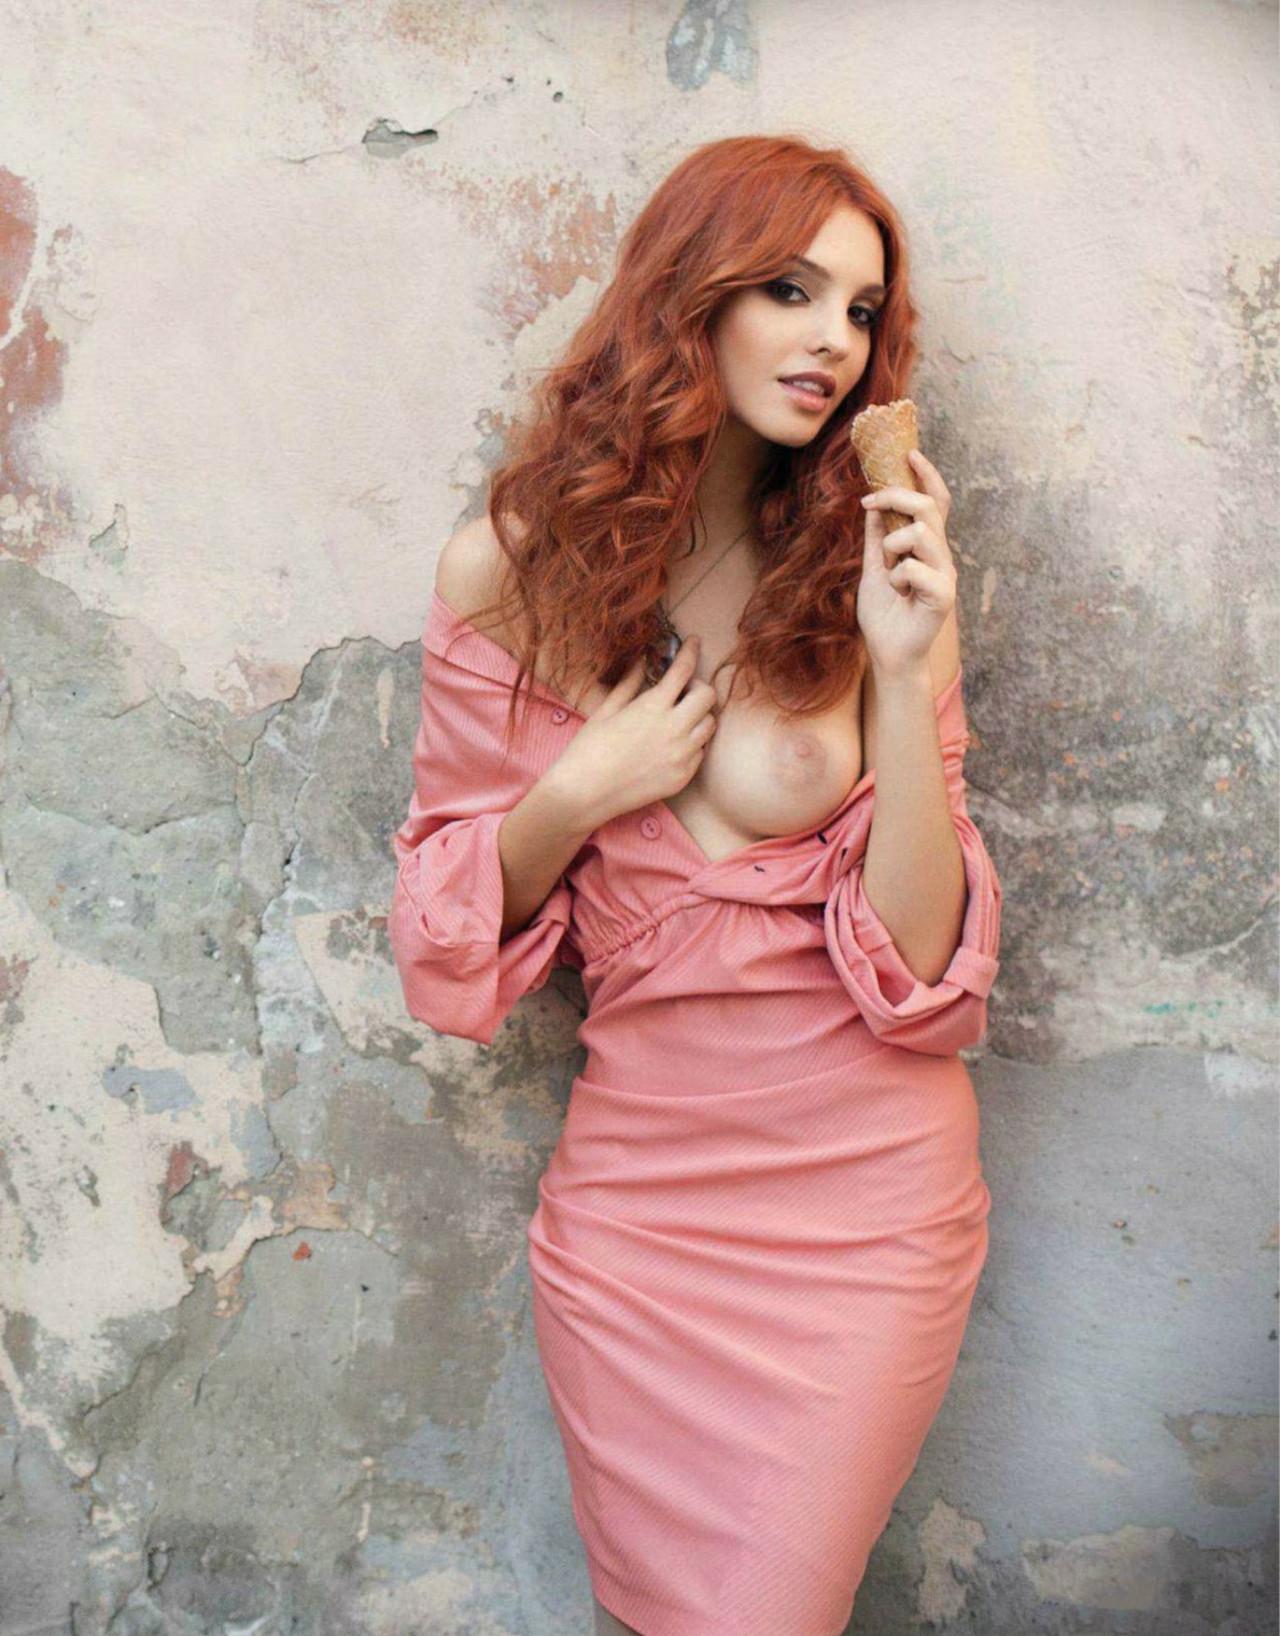 Ekaterina prigoda работа по веб камере моделью в долинск